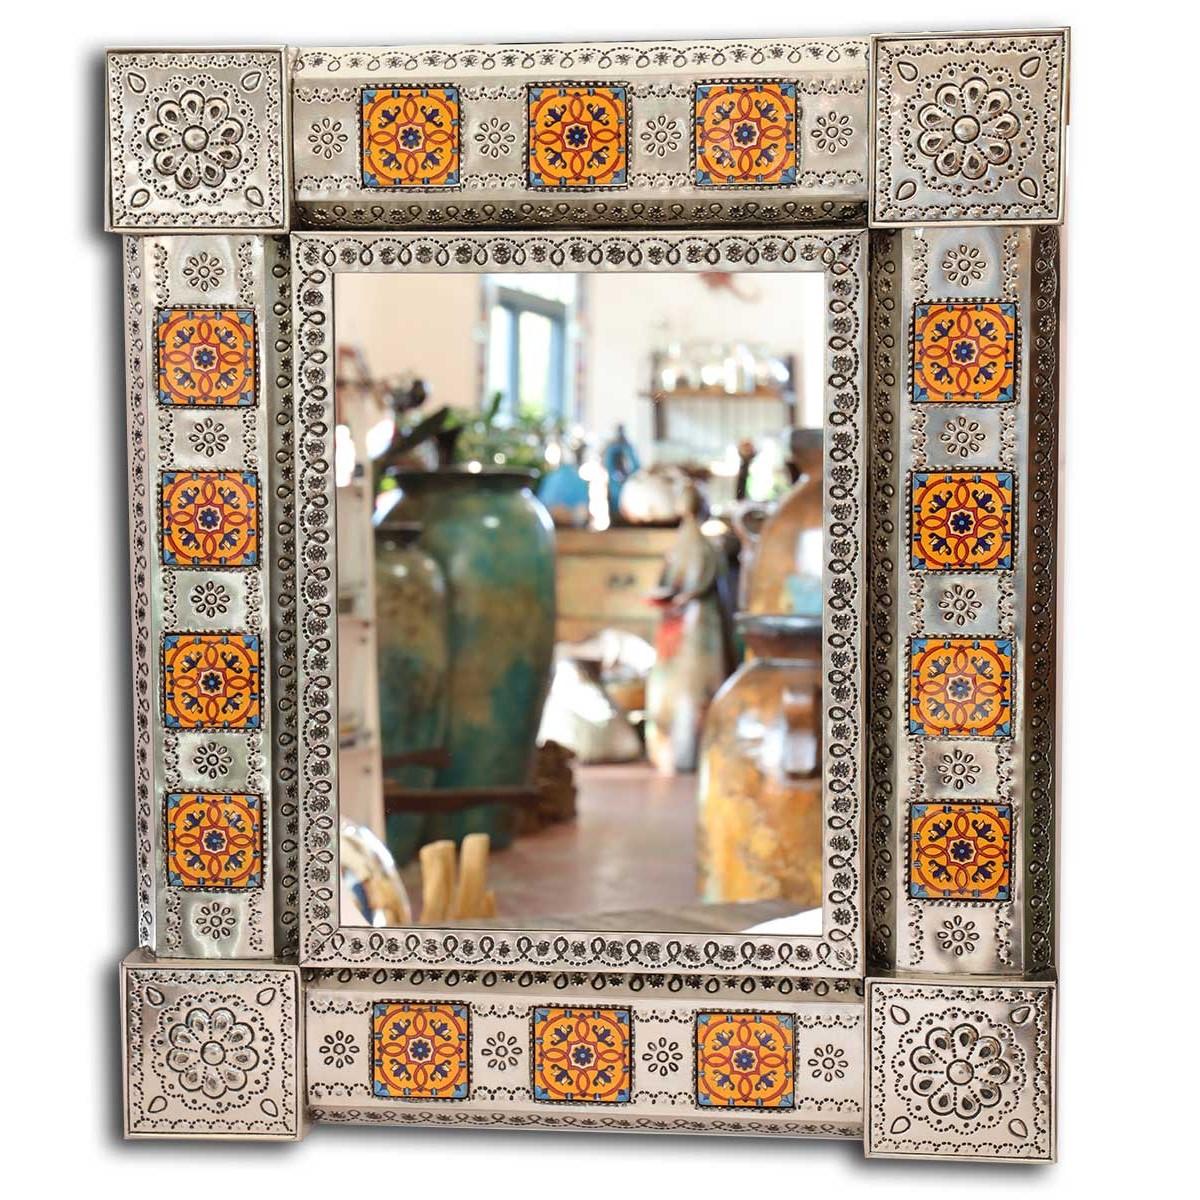 Grand miroir mexicain deco murale